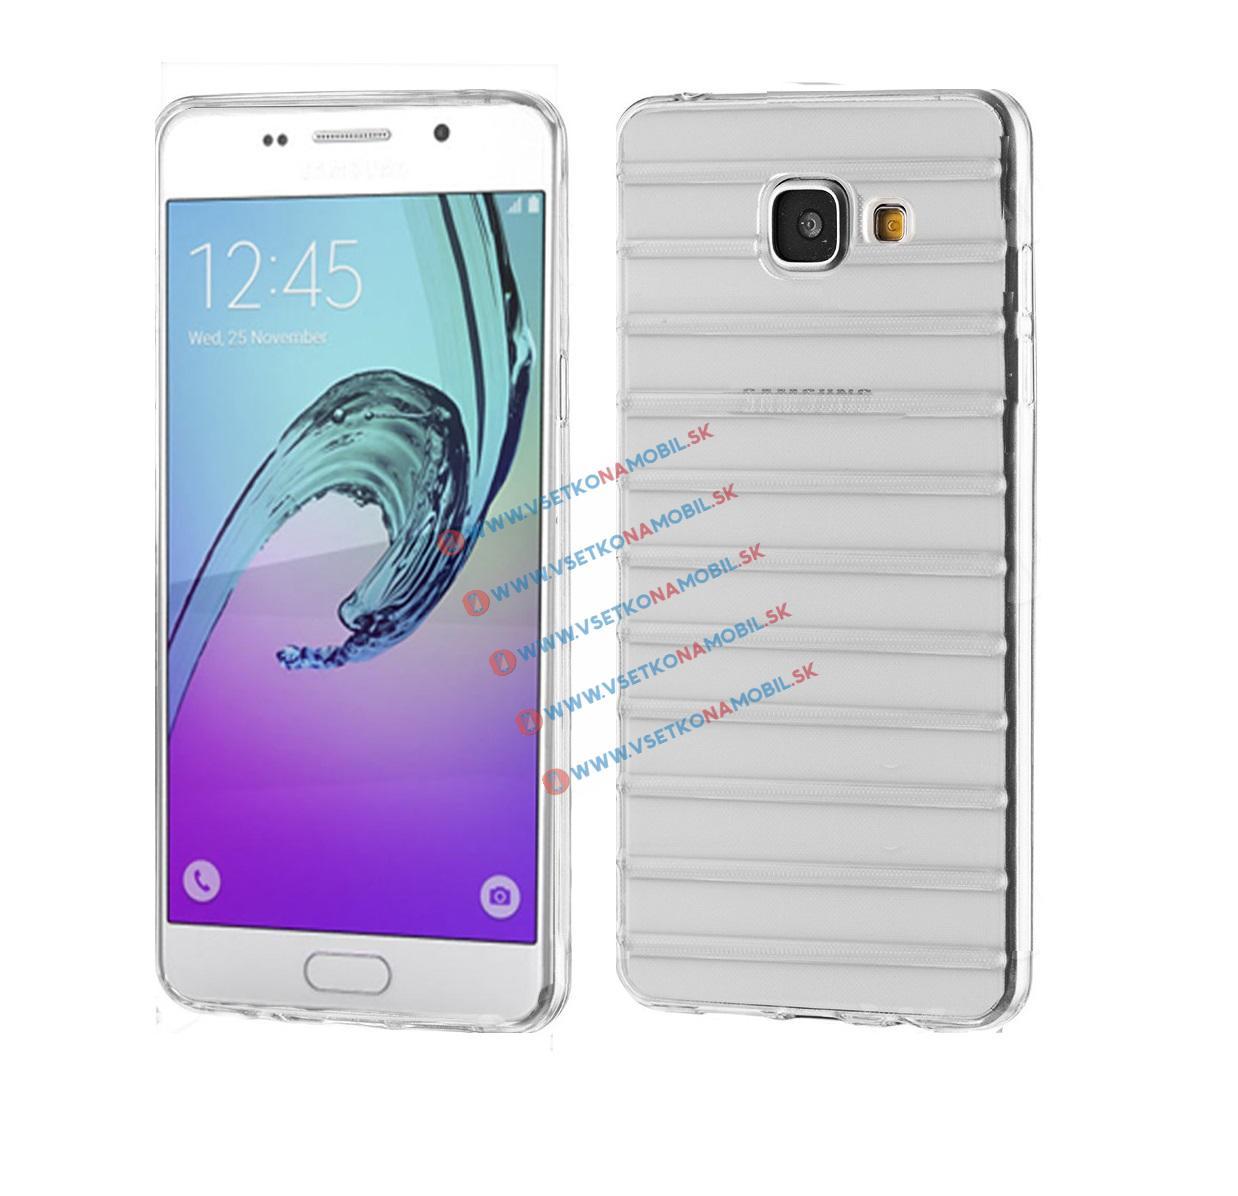 FORCELL Silikónový obal Samsung Galaxy A5 2016 (A510) priehľadný STRIPES